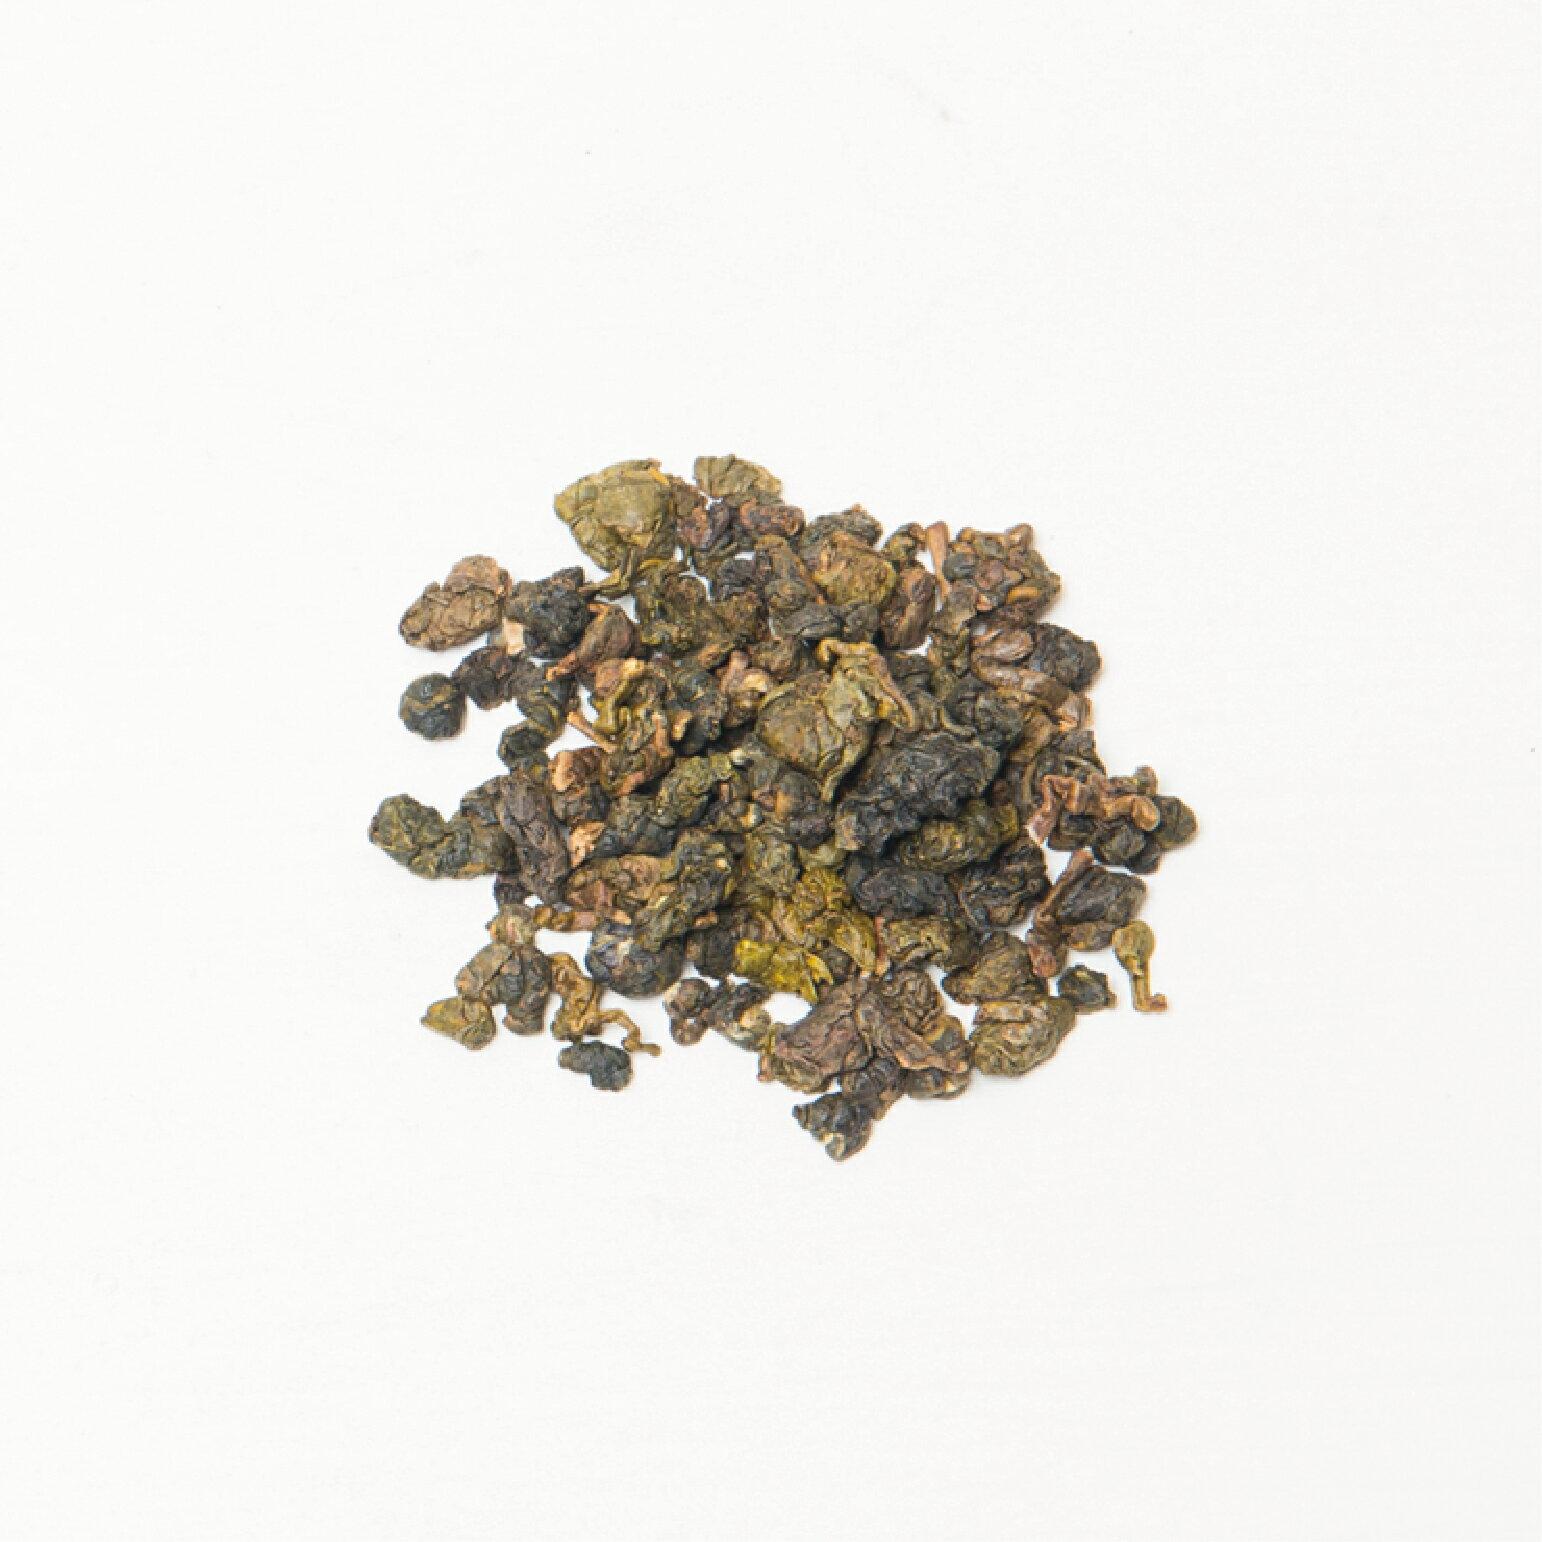 【杜爾德洋行 Dodd Tea】嚴選凍頂山碳培烏龍茶立體茶包12入 【台灣鳳蝶紀念版】 3